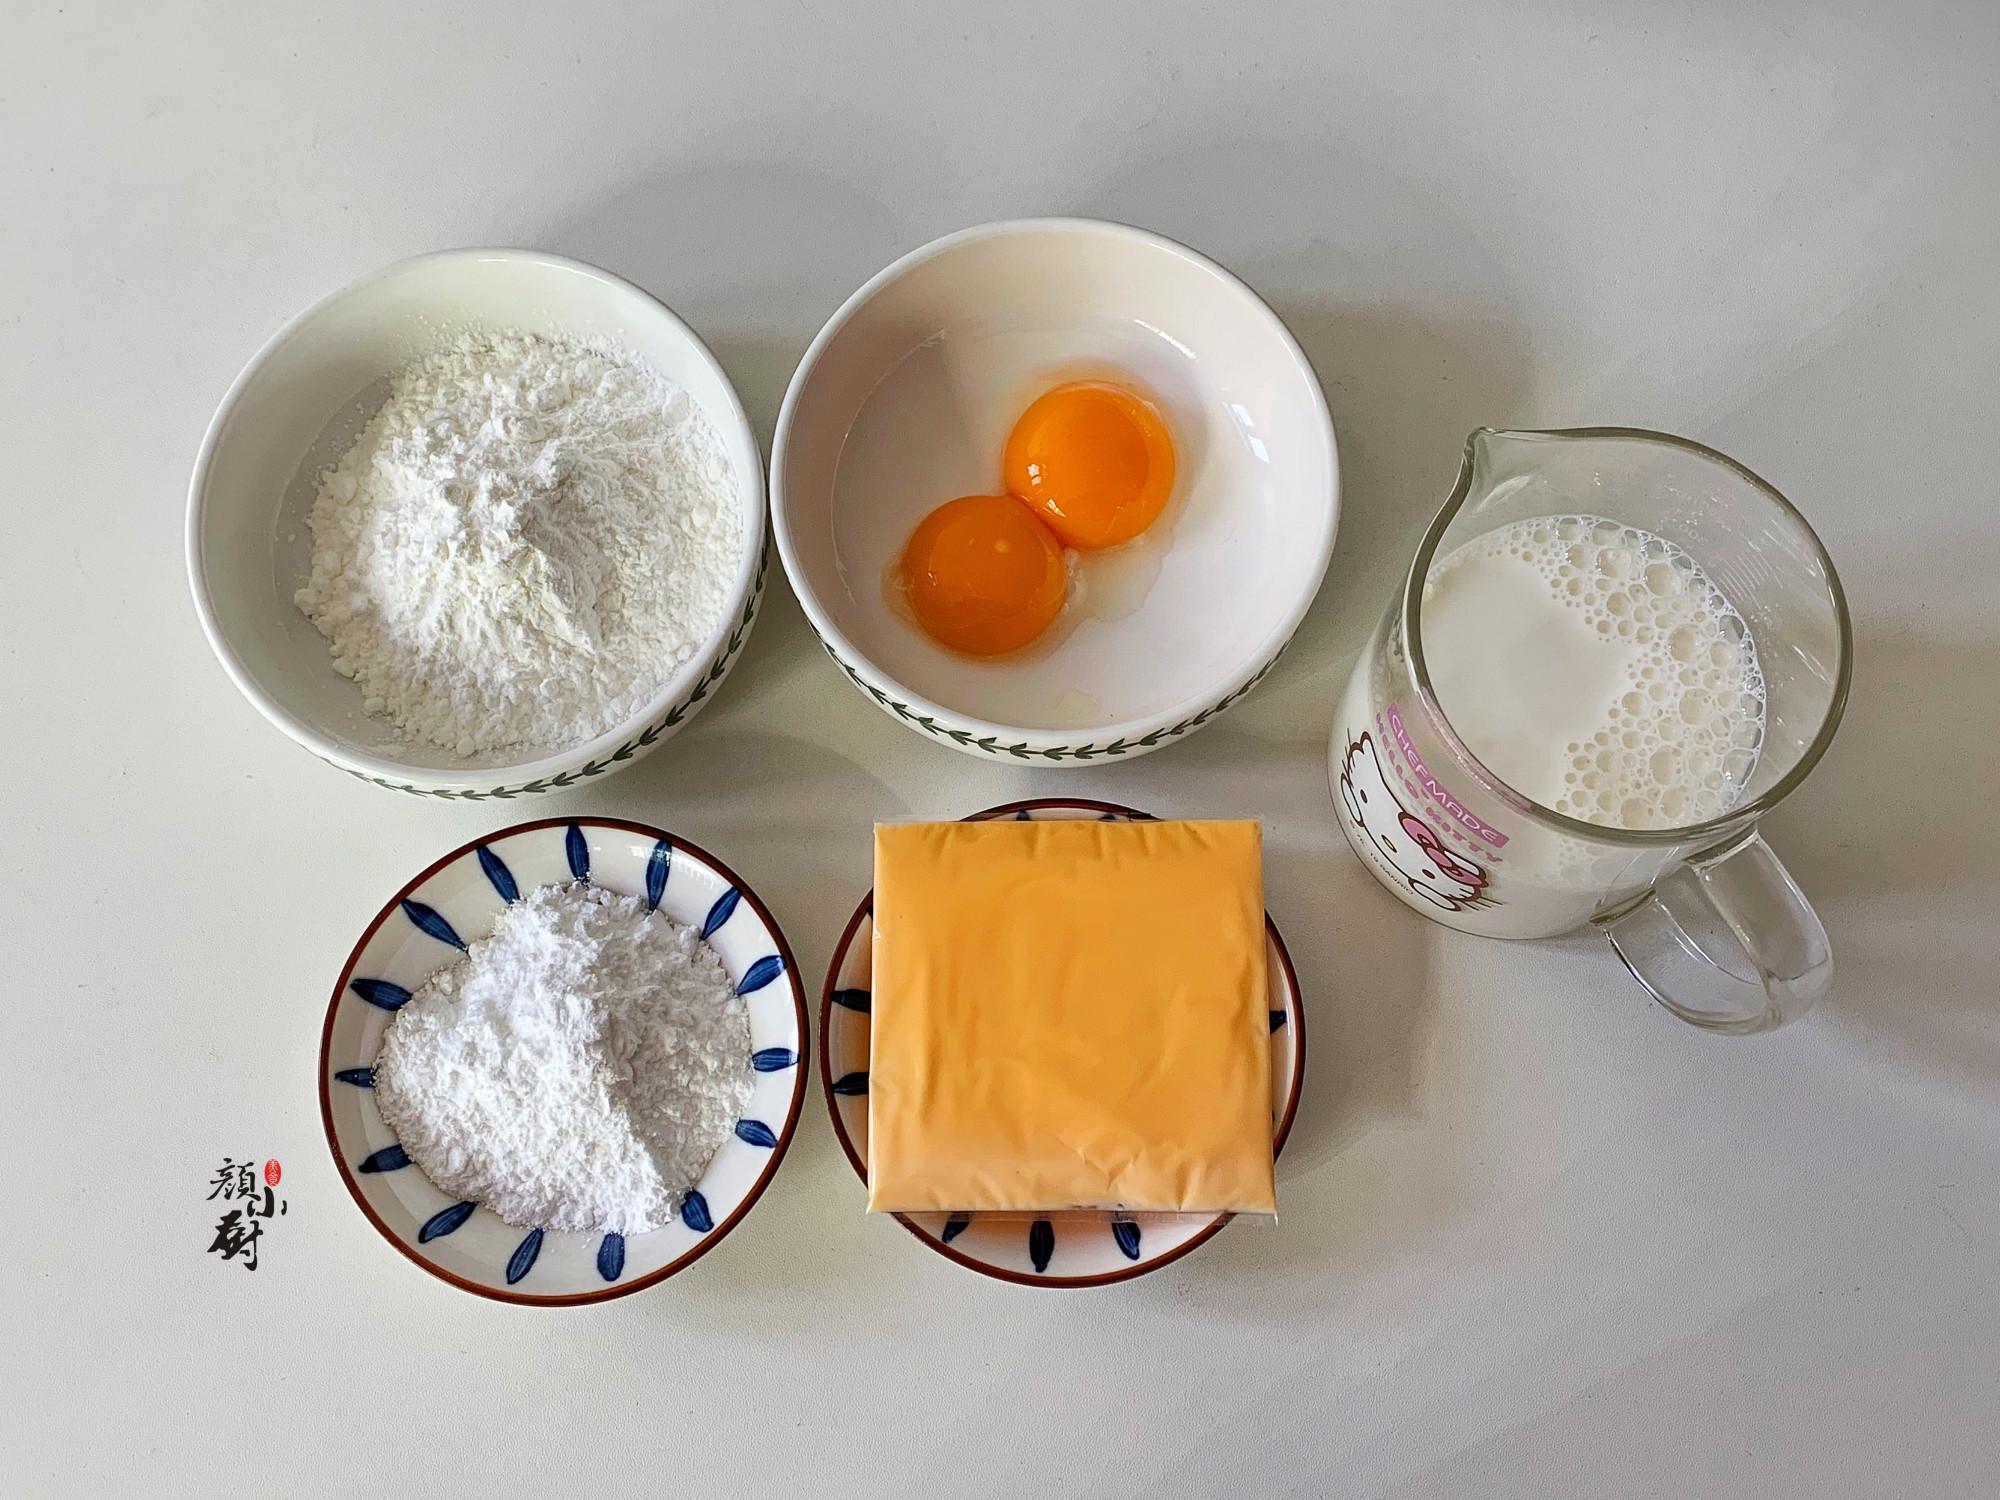 牛奶別直接喝了,教你一個新吃法,又香又甜好吃解饞,孩子超愛吃